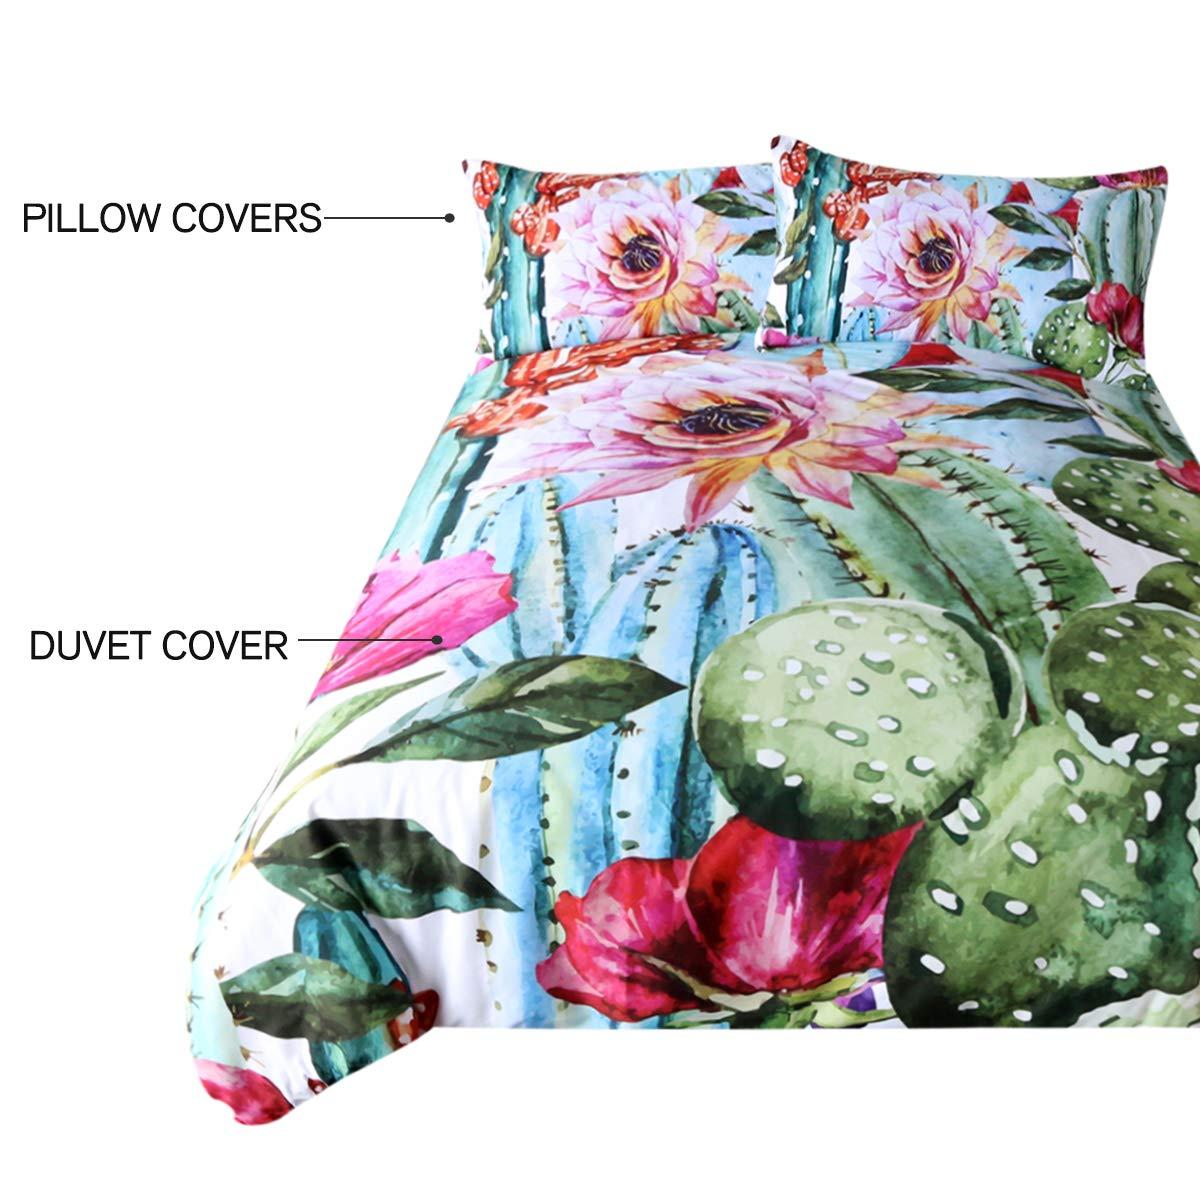 Twin Bright Cactus Pattern Bedding Set Green plants cactus Print 3 Pieces Duvet Cover Set Nature Art Prints Decor Collection